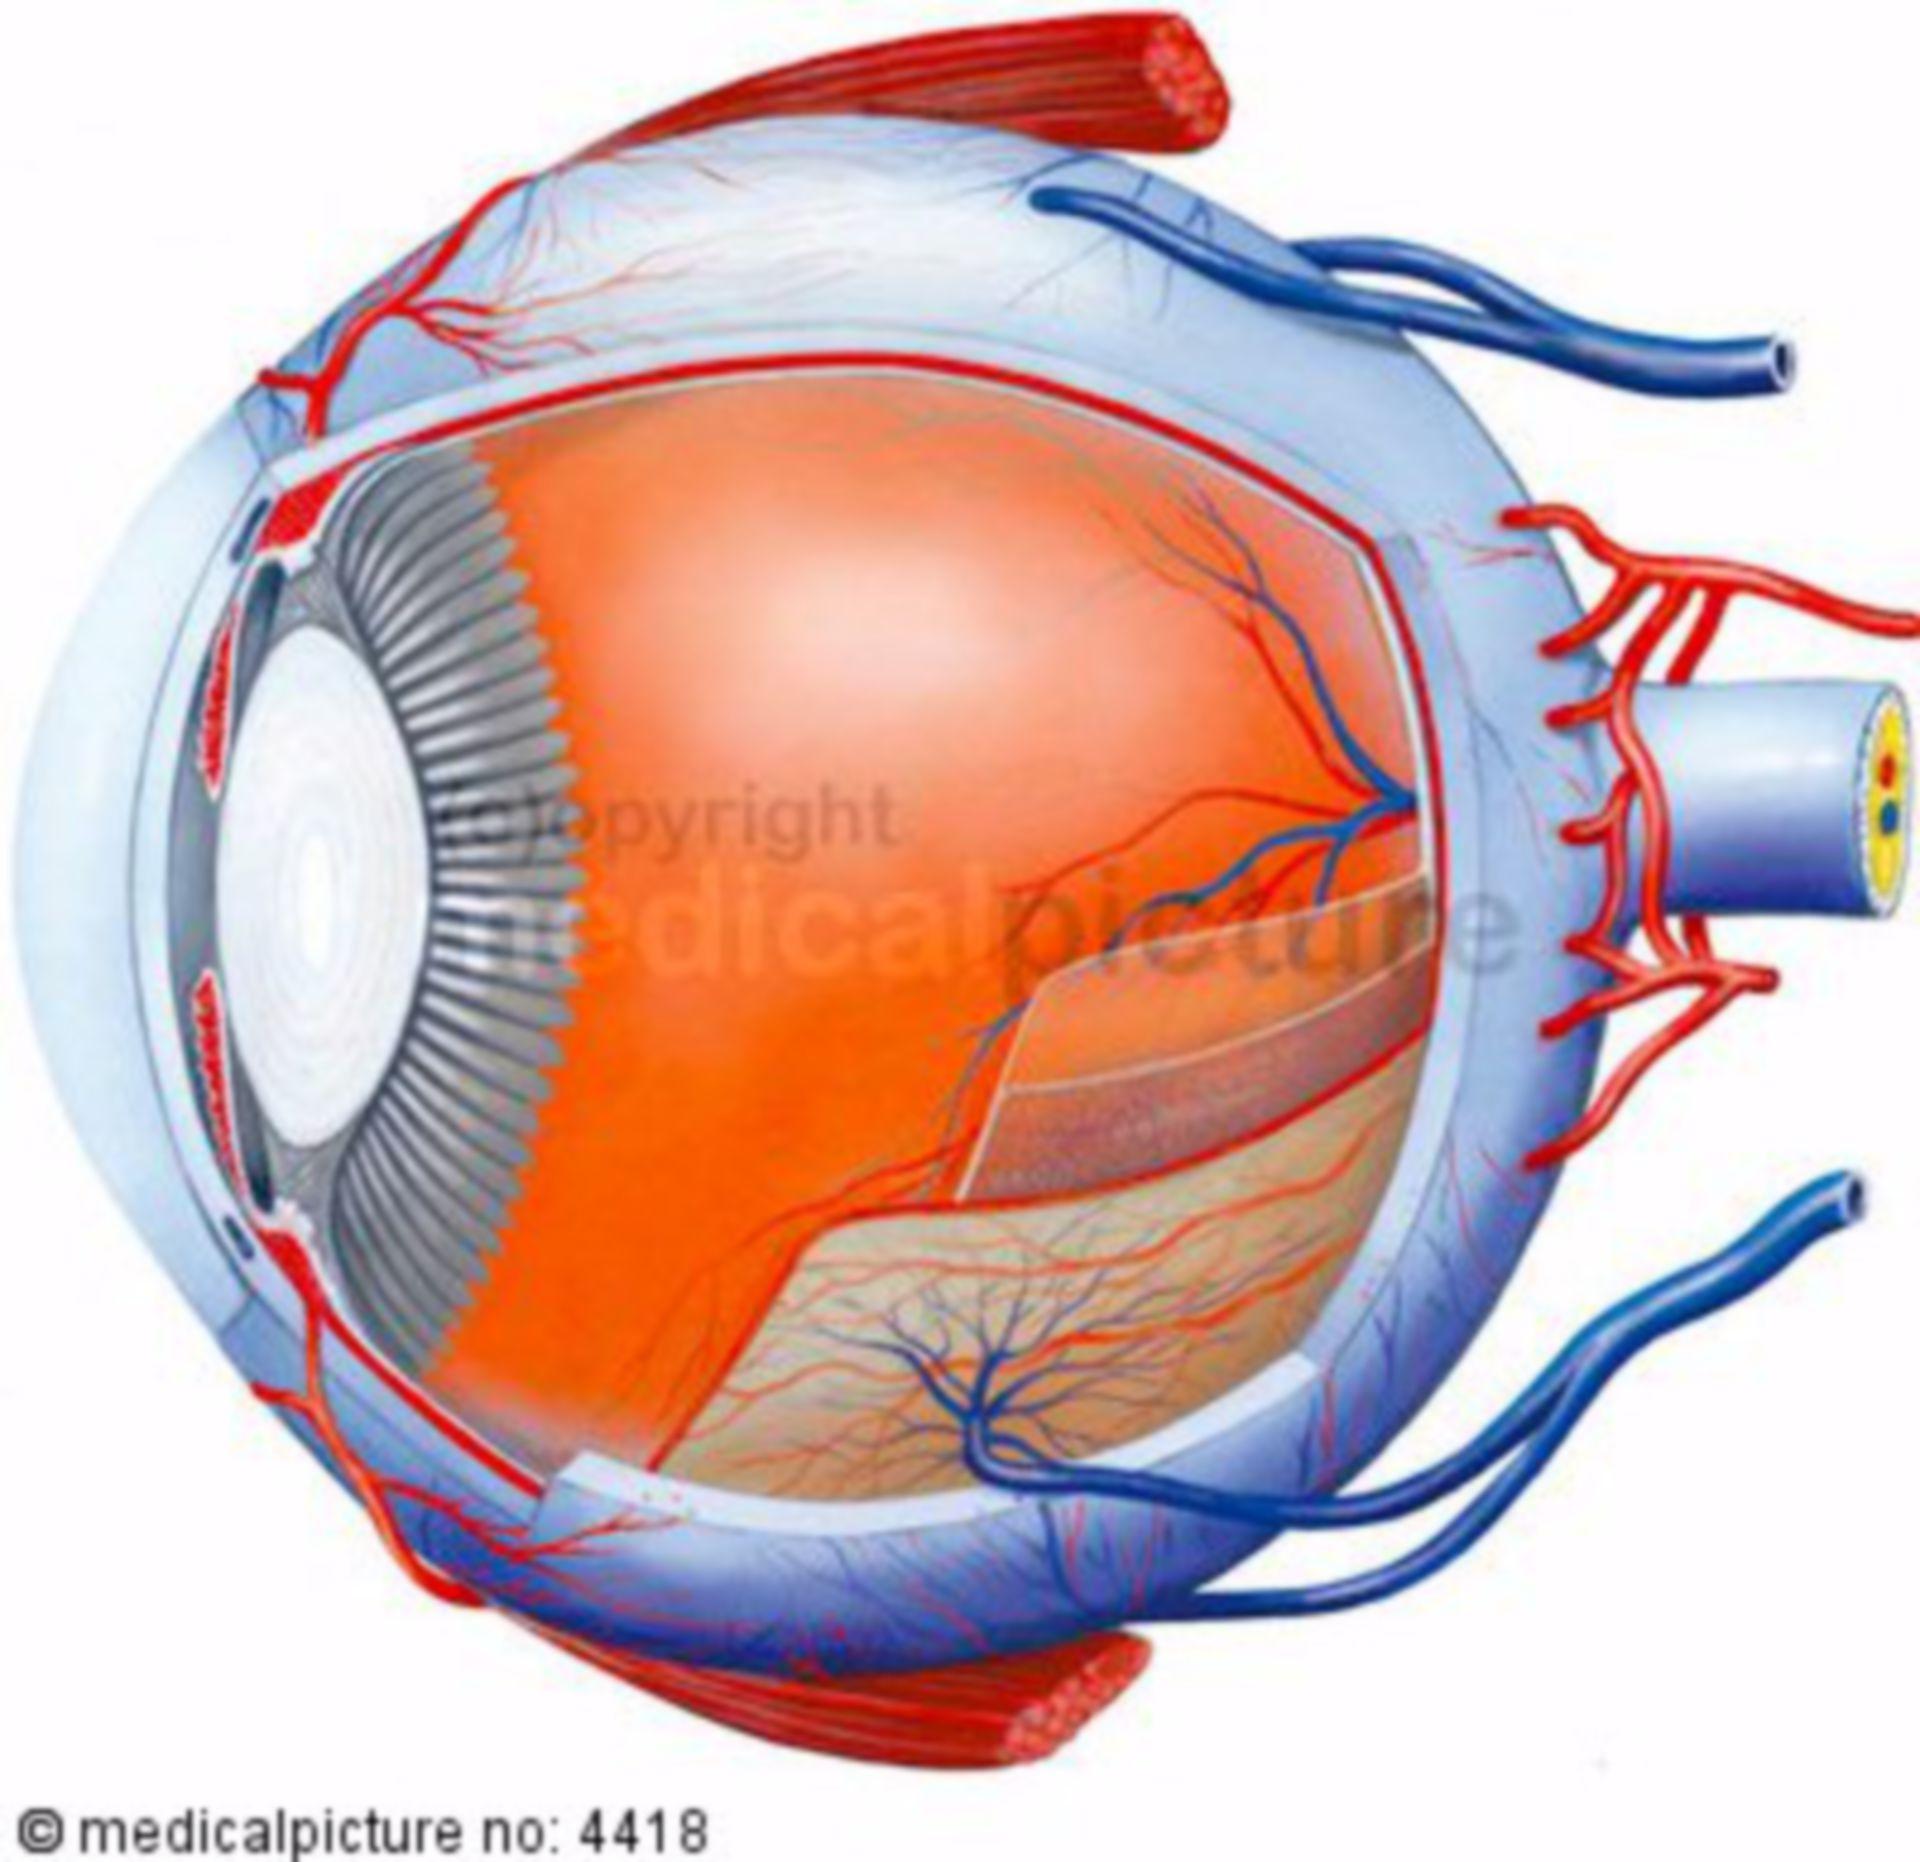 Sezione longitudinale di un occhio umano